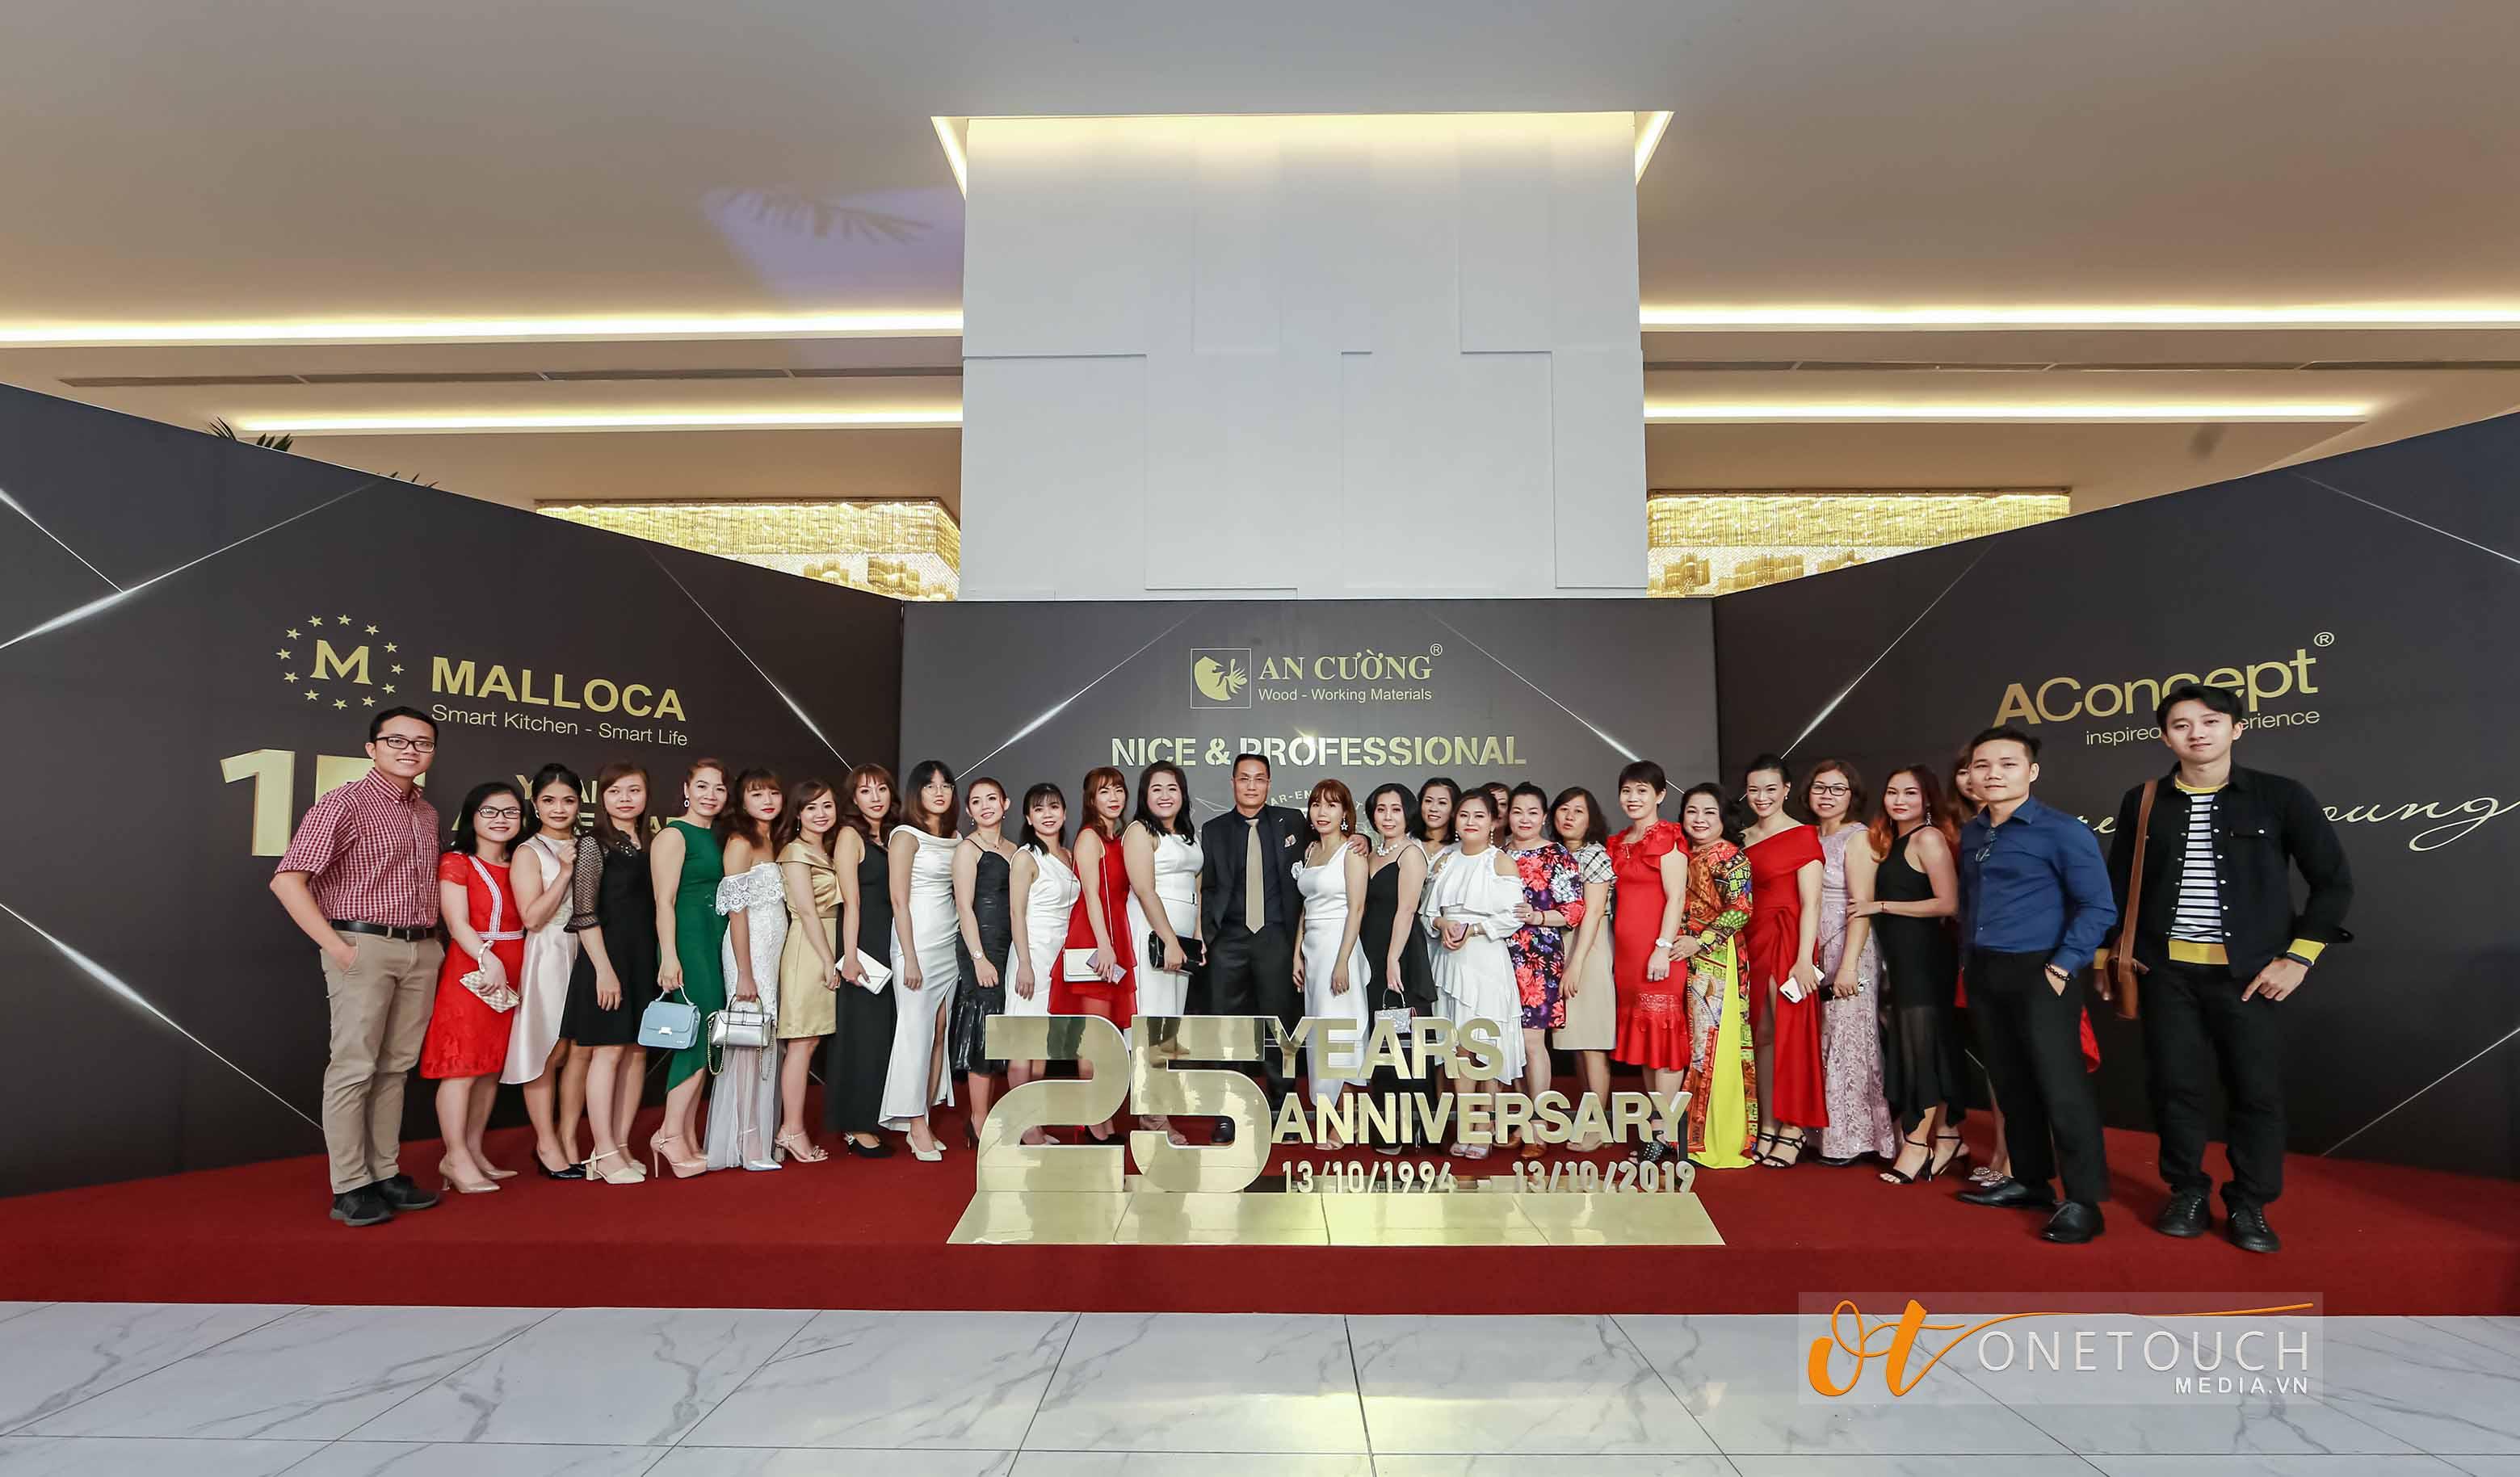 chụp hình sự kiện tại Sài Gòn